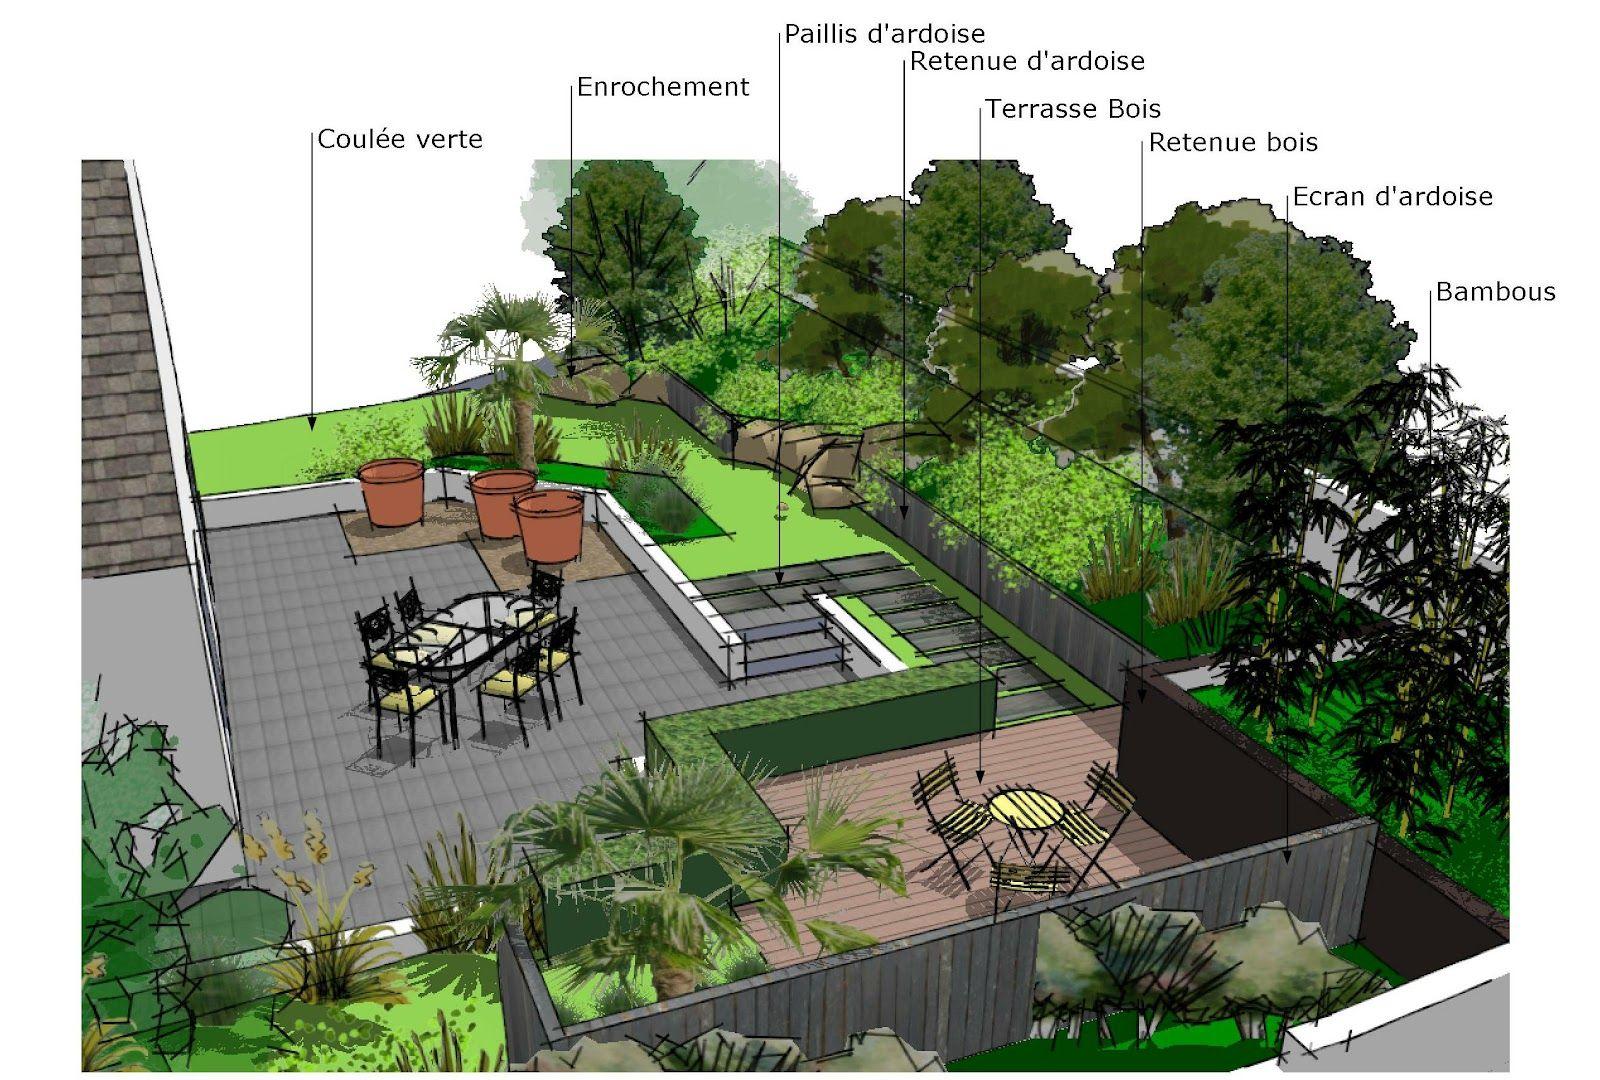 maezad riscles paysage 1 600 1 080 pixels jardins en pente pinterest jardin. Black Bedroom Furniture Sets. Home Design Ideas